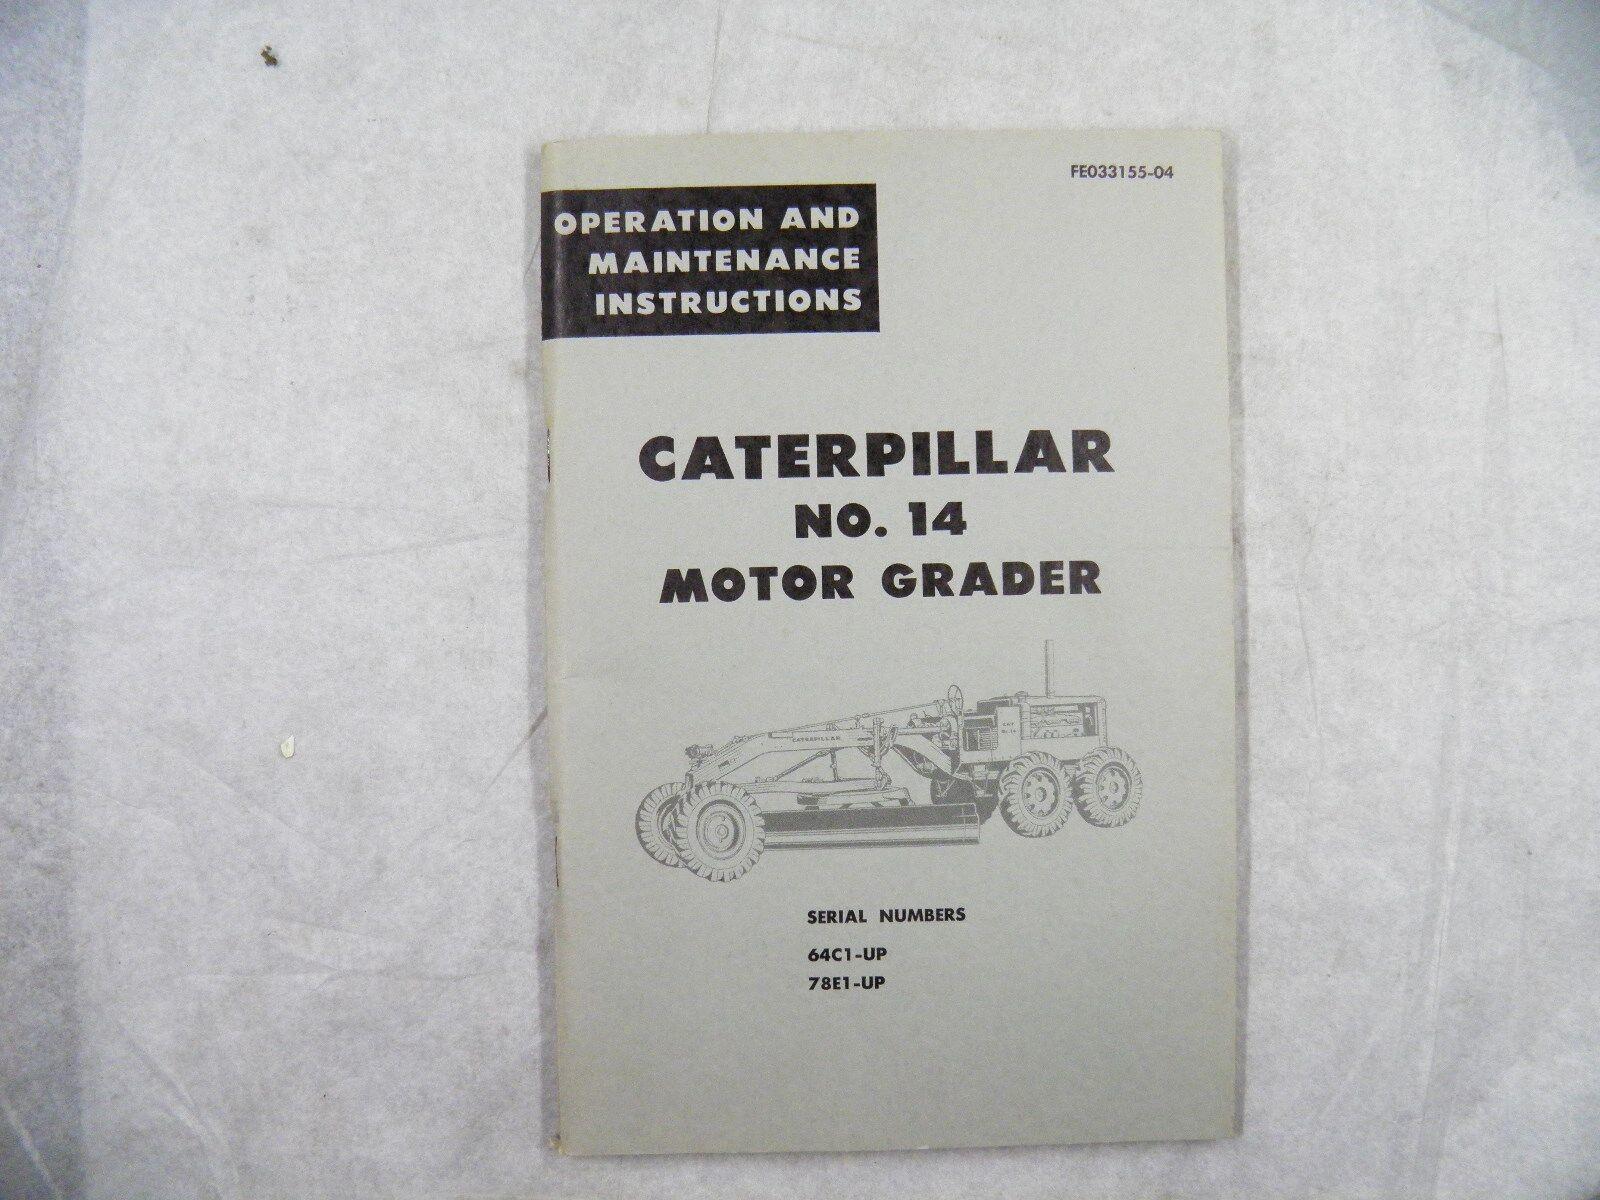 caterpillar no 14 grader operation maintenance manual 64c 78e ebay rh ebay com John Deere Motor Grader Ford Motor Grader